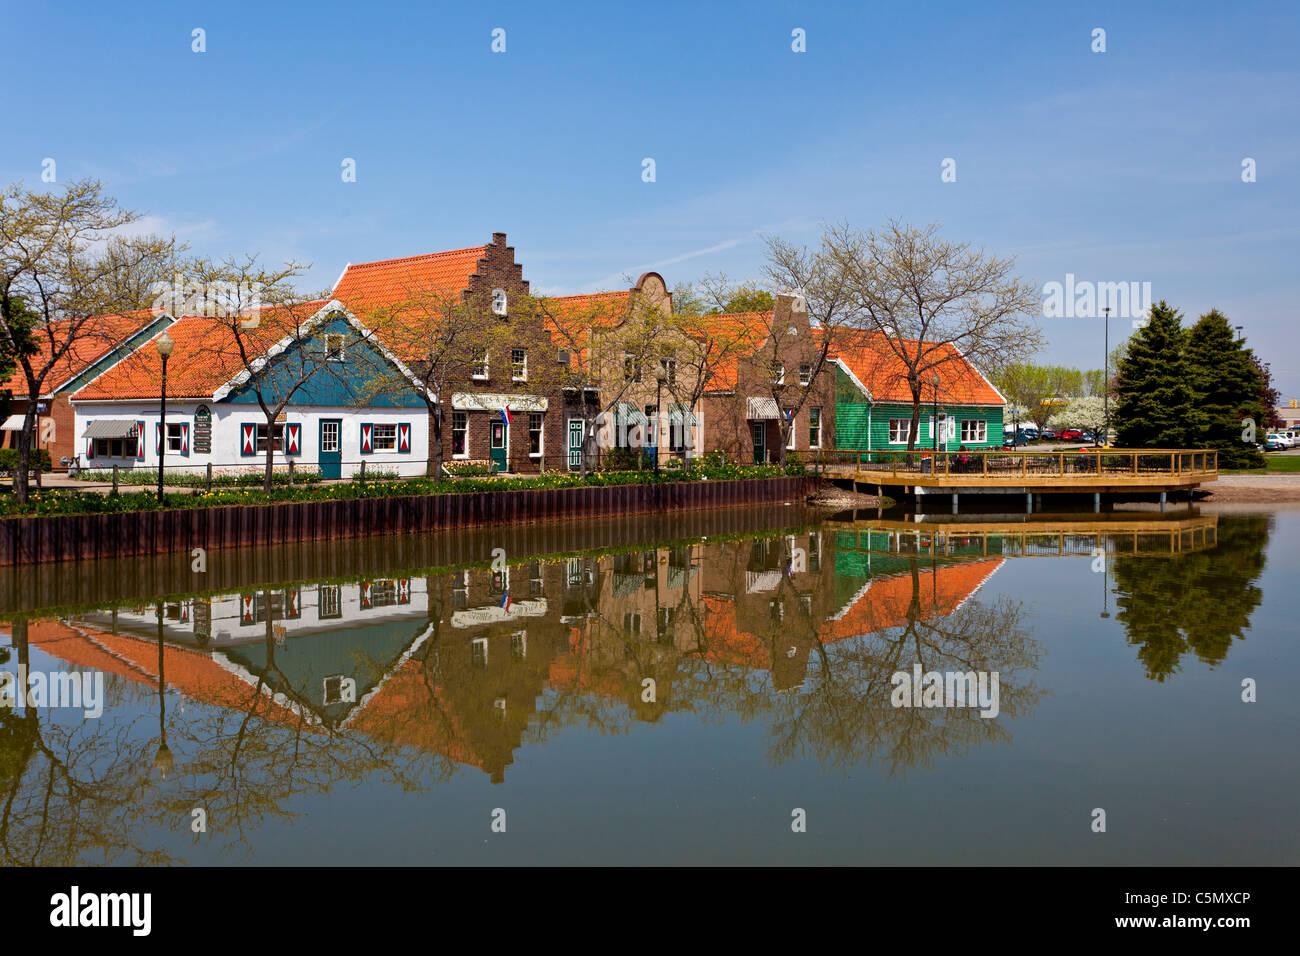 Architektur und Geschäfte der niederländischen Dorf Touristenattraktion in Holland, Michigan, USA. Stockbild